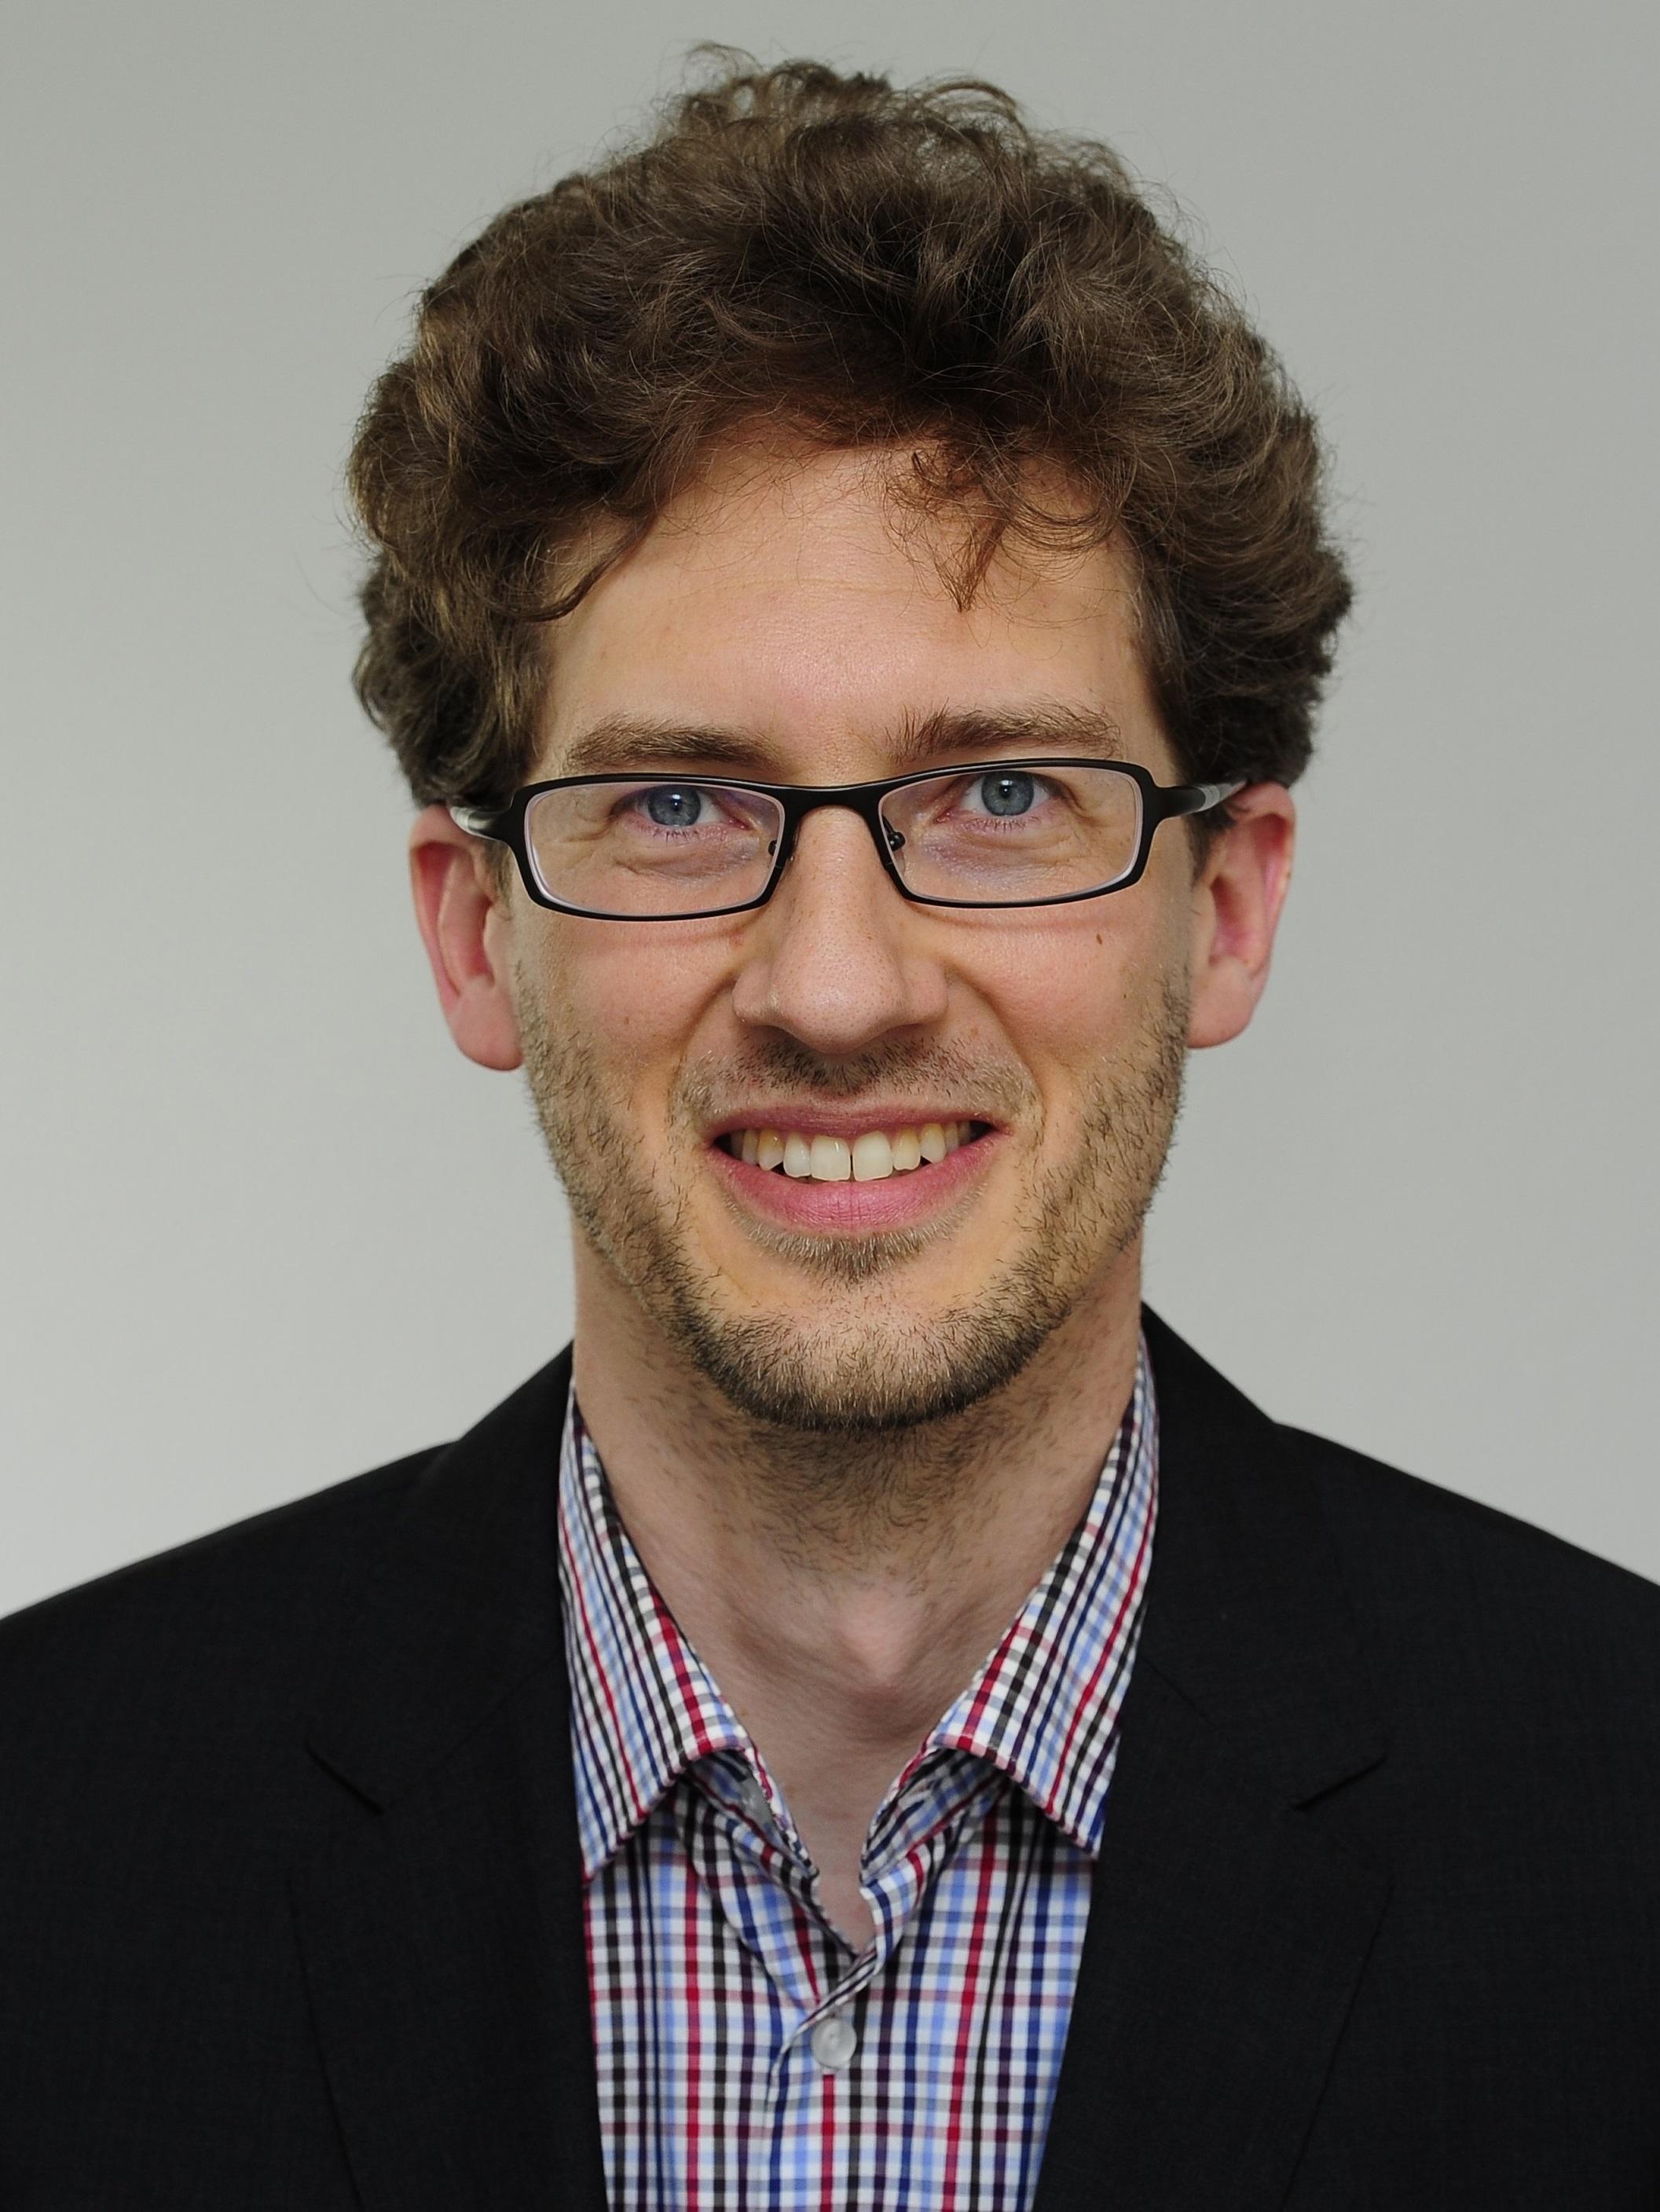 prof. krieger